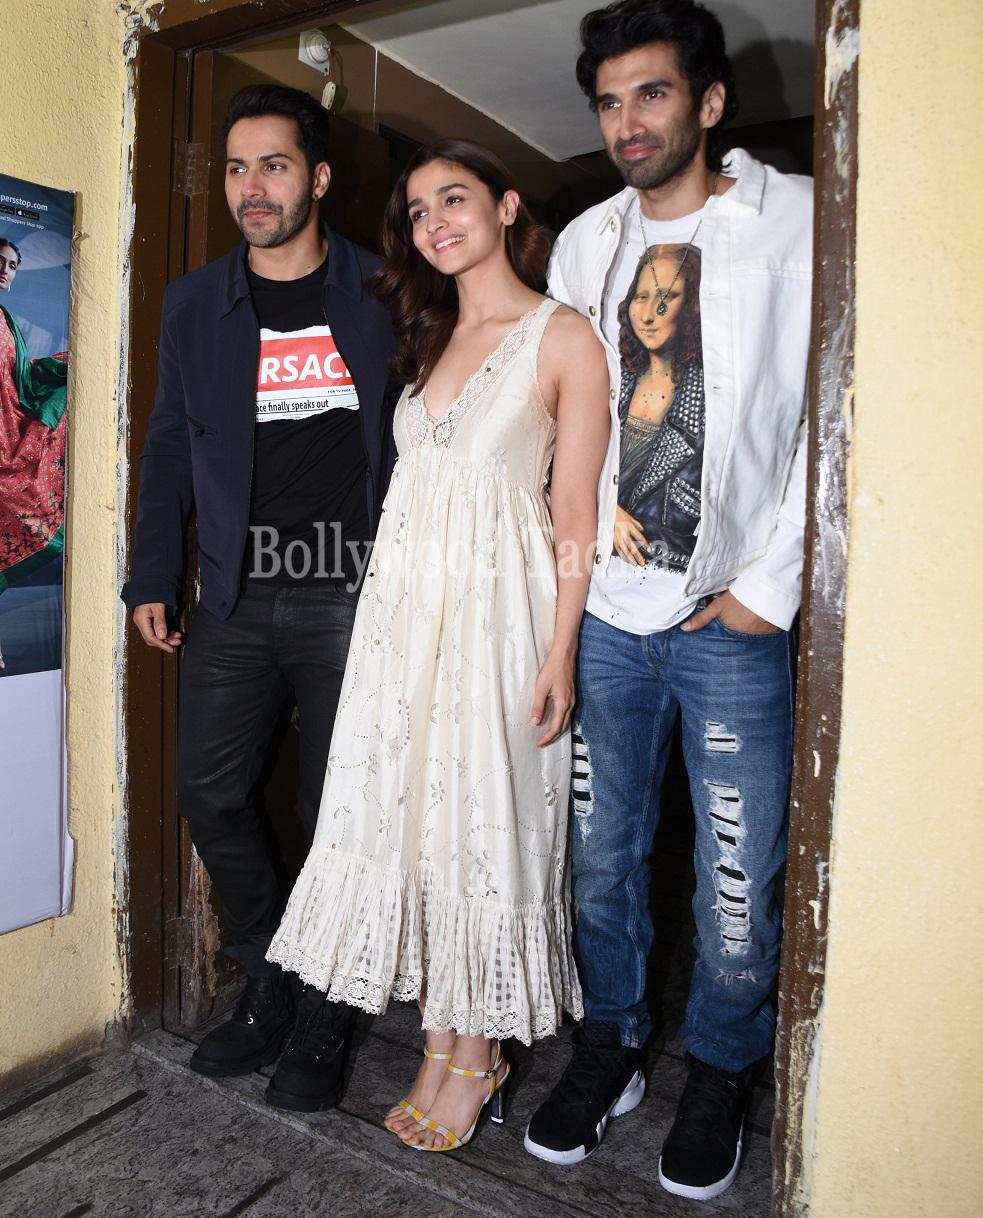 Bollywood Tadkaकलंक इमेज, कलंक फोटो, कलंक पिक्चर